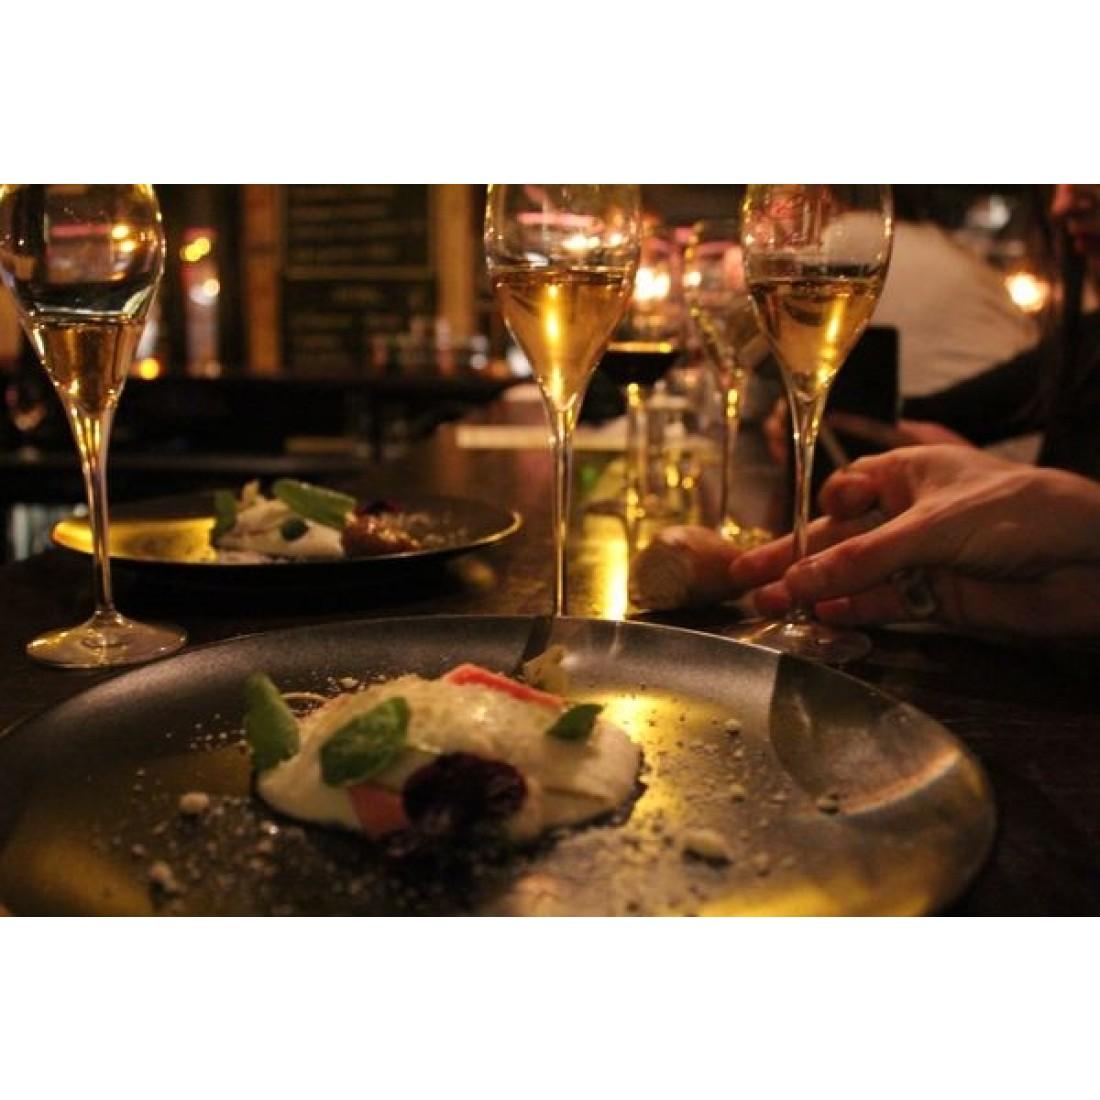 Champagnemiddag på Vesterbro Vinstue onsdag den 29 juli kl. 18.30-31